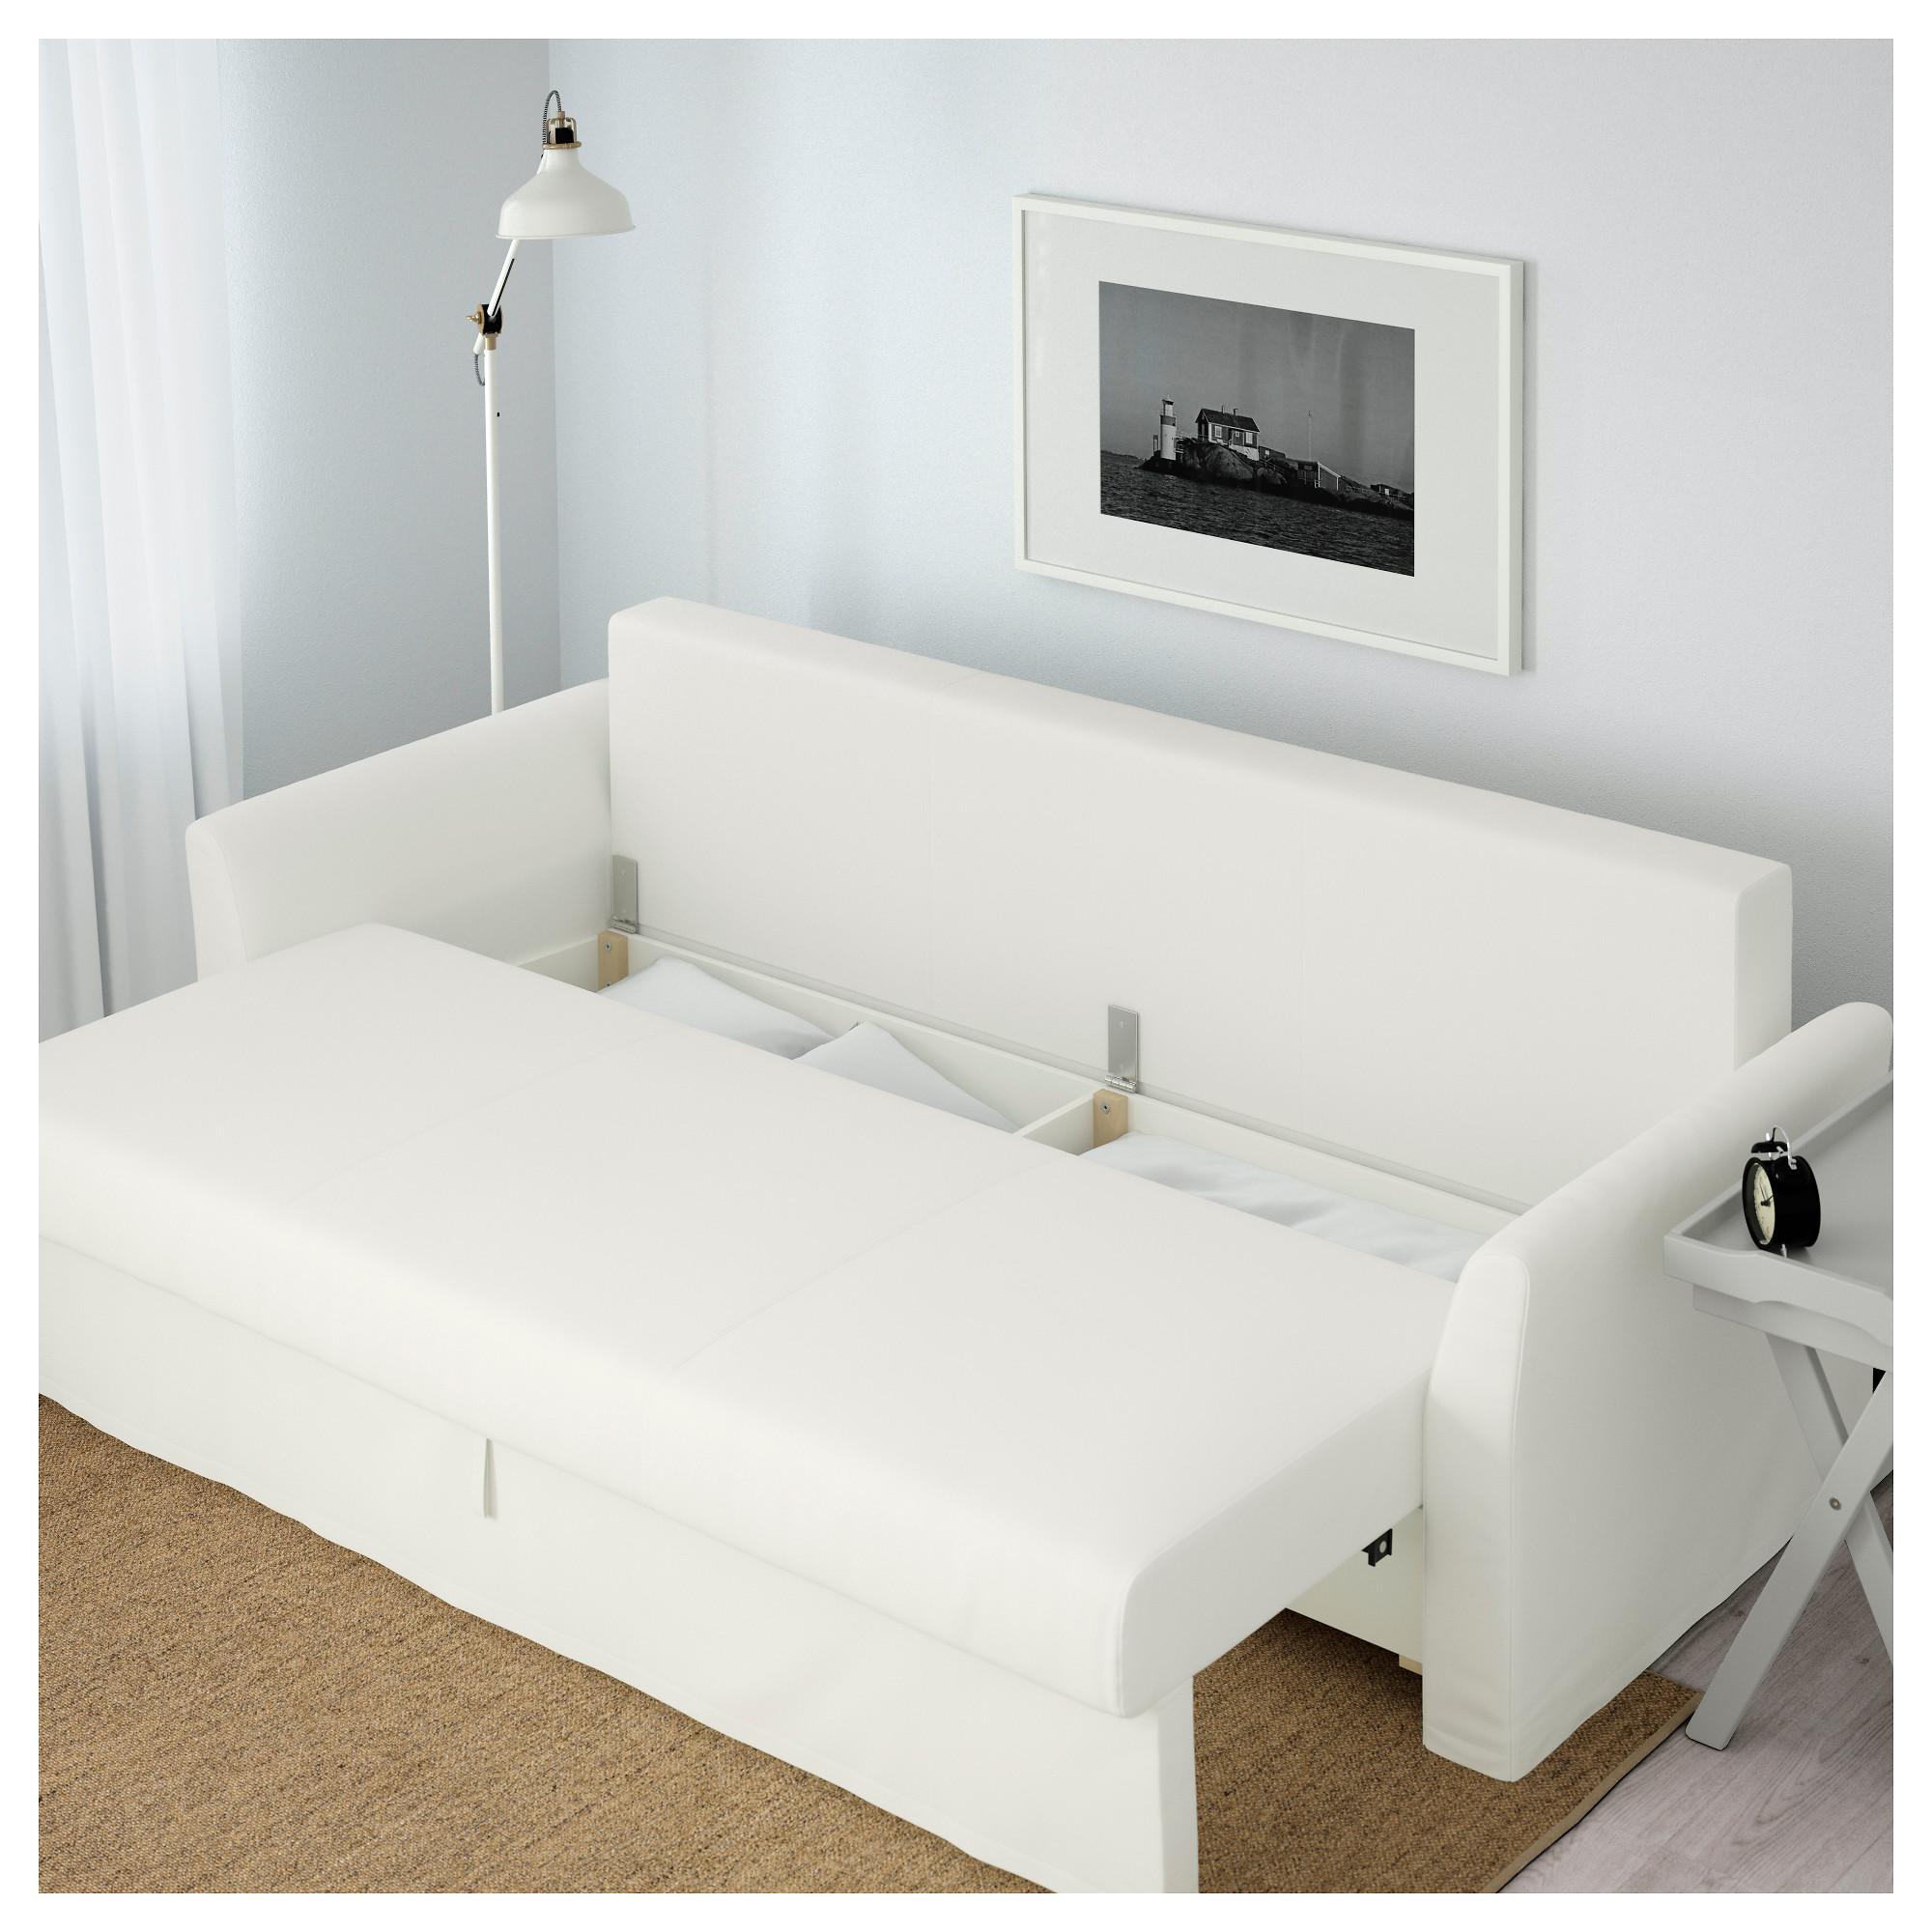 купить диван кровать 3 местный хольмсунд ранста белый в Ikea минск